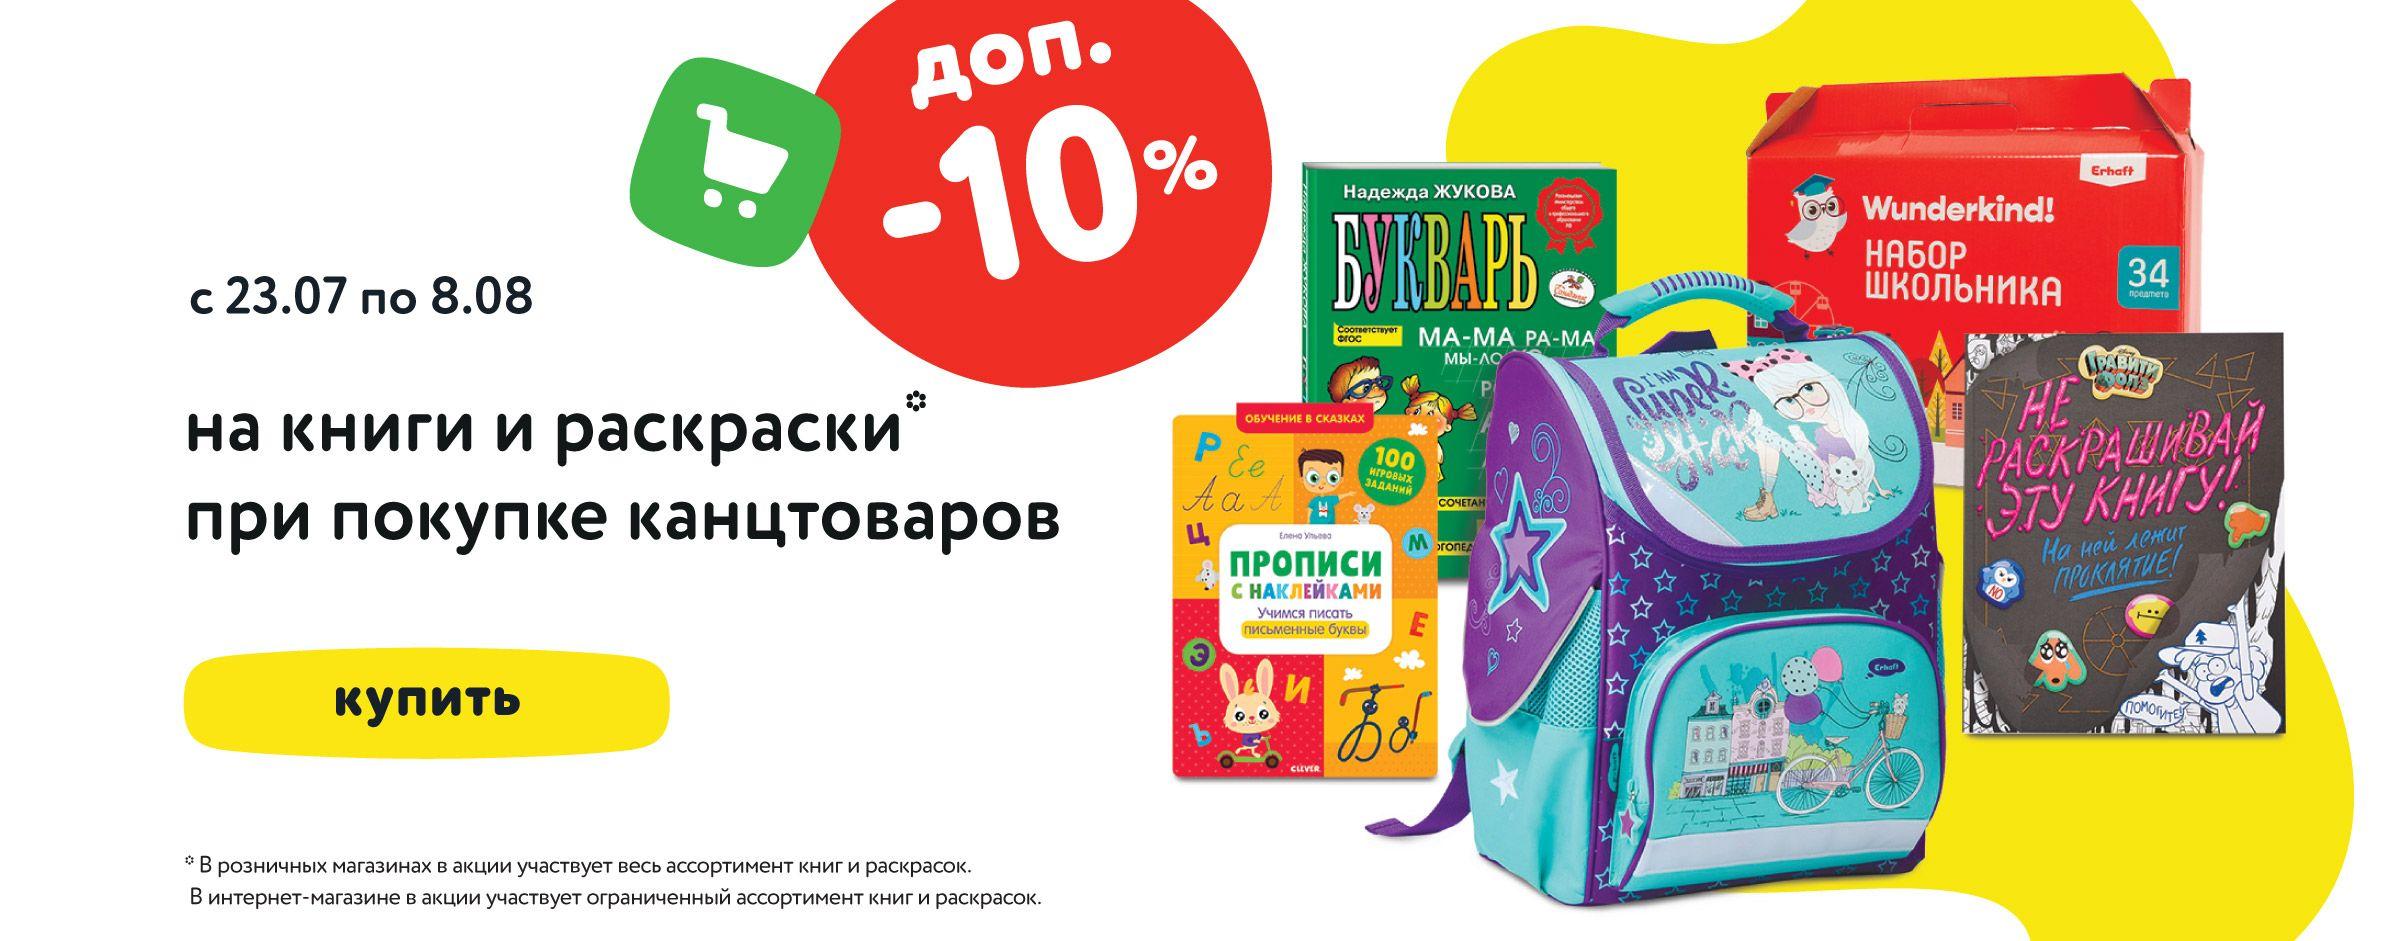 Доп. скидка 10% на книги и раскраски при покупке канцелярии карусель + книги